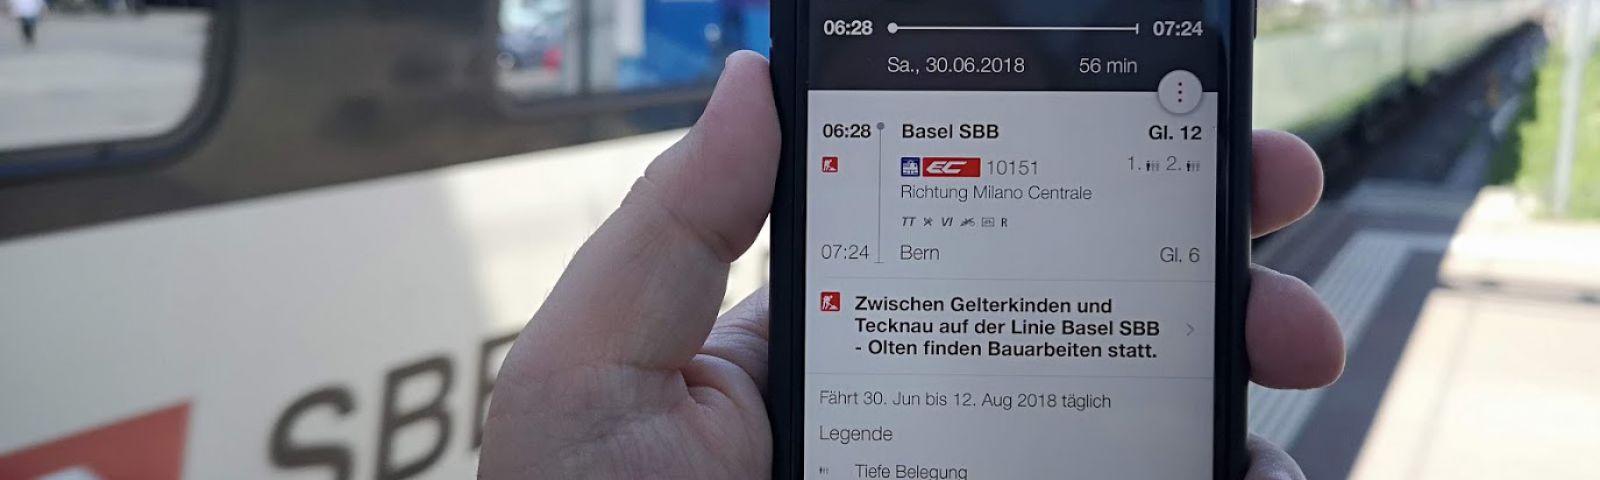 Sommerfahrplan 2018 Verbindungen Online Prüfen Sbb News